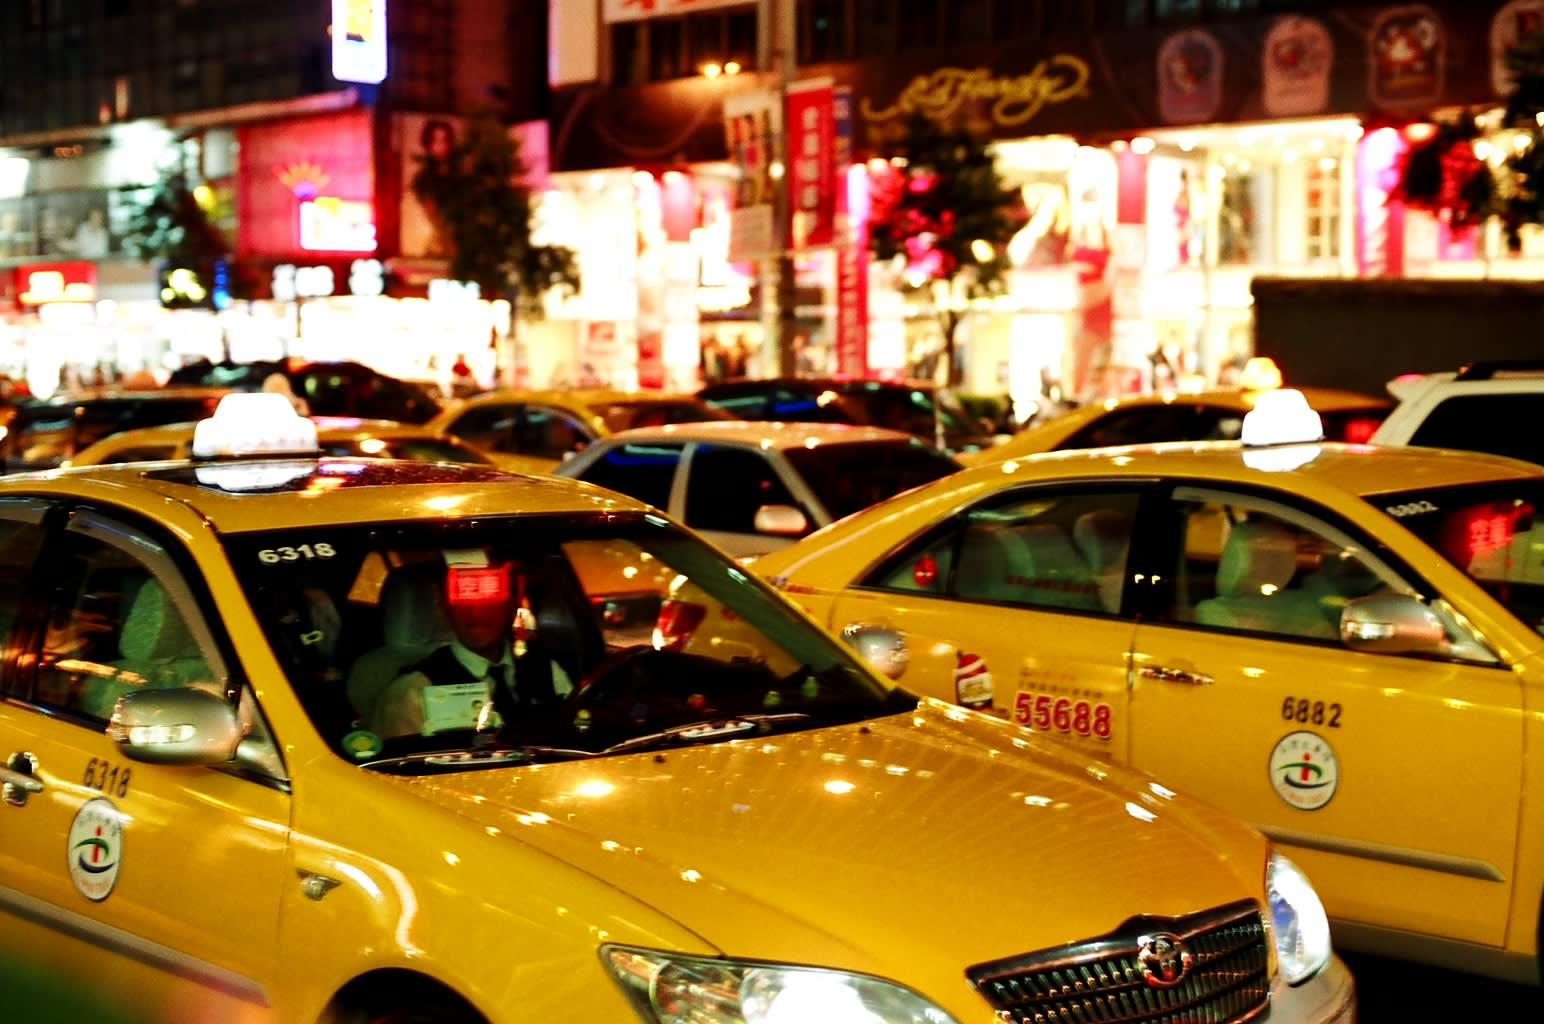 Taxis in Taiwan